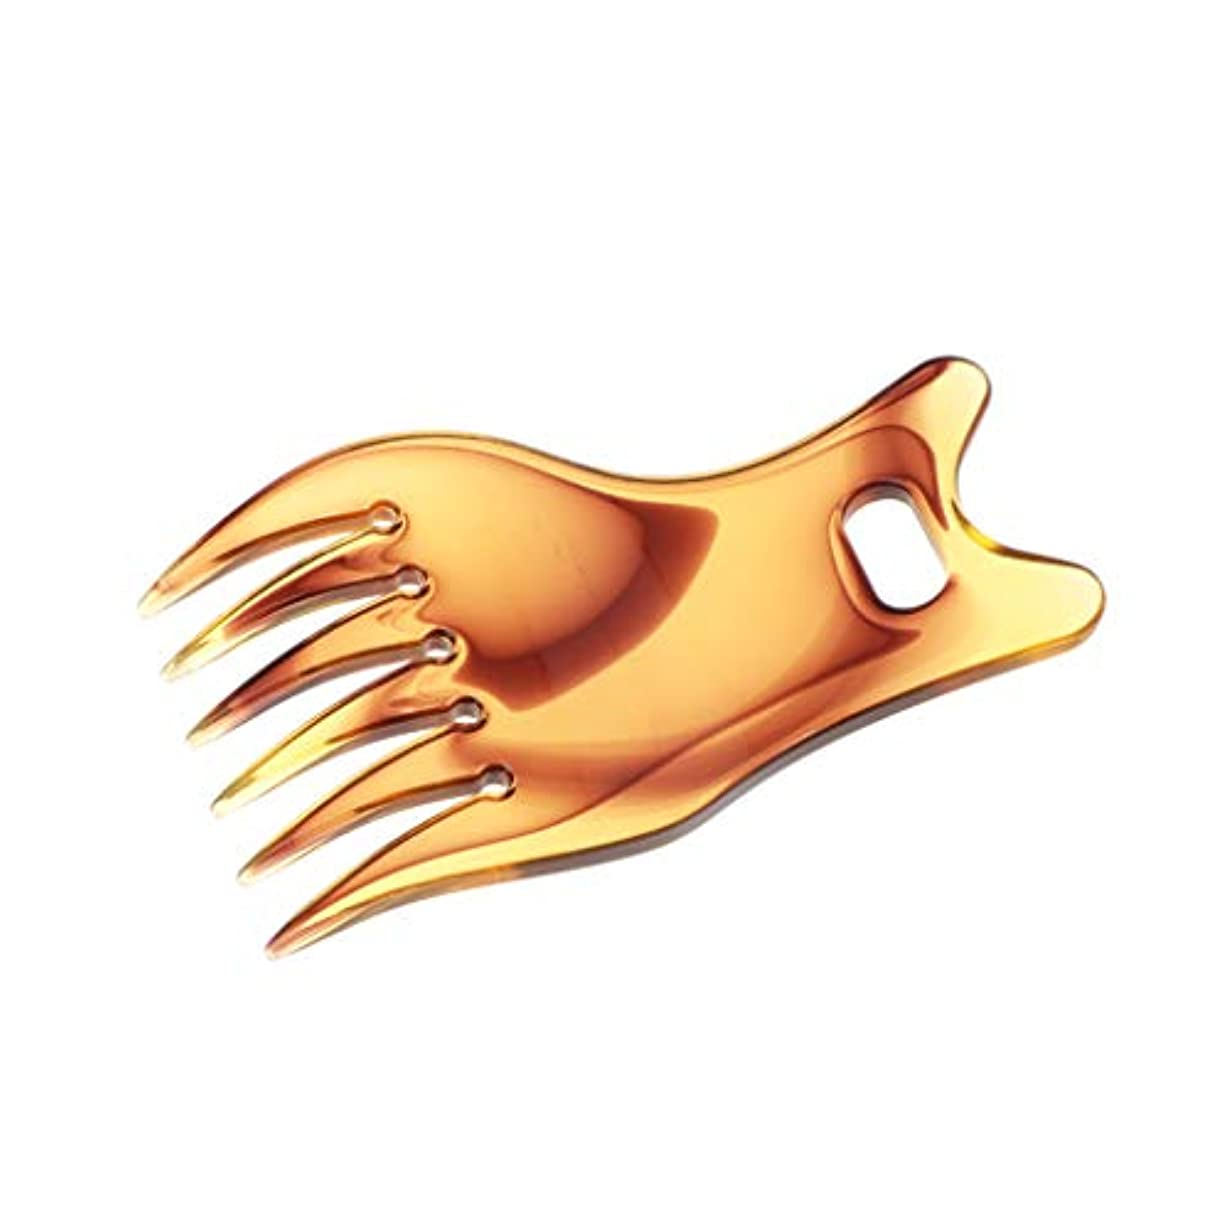 仲人柔らかさ電子T TOOYFUL ヘアコーム ピックコーム 広い歯 サロン 理容 染料 理髪 ヘアスタイリング 帯電防止 耐熱性 - 褐色